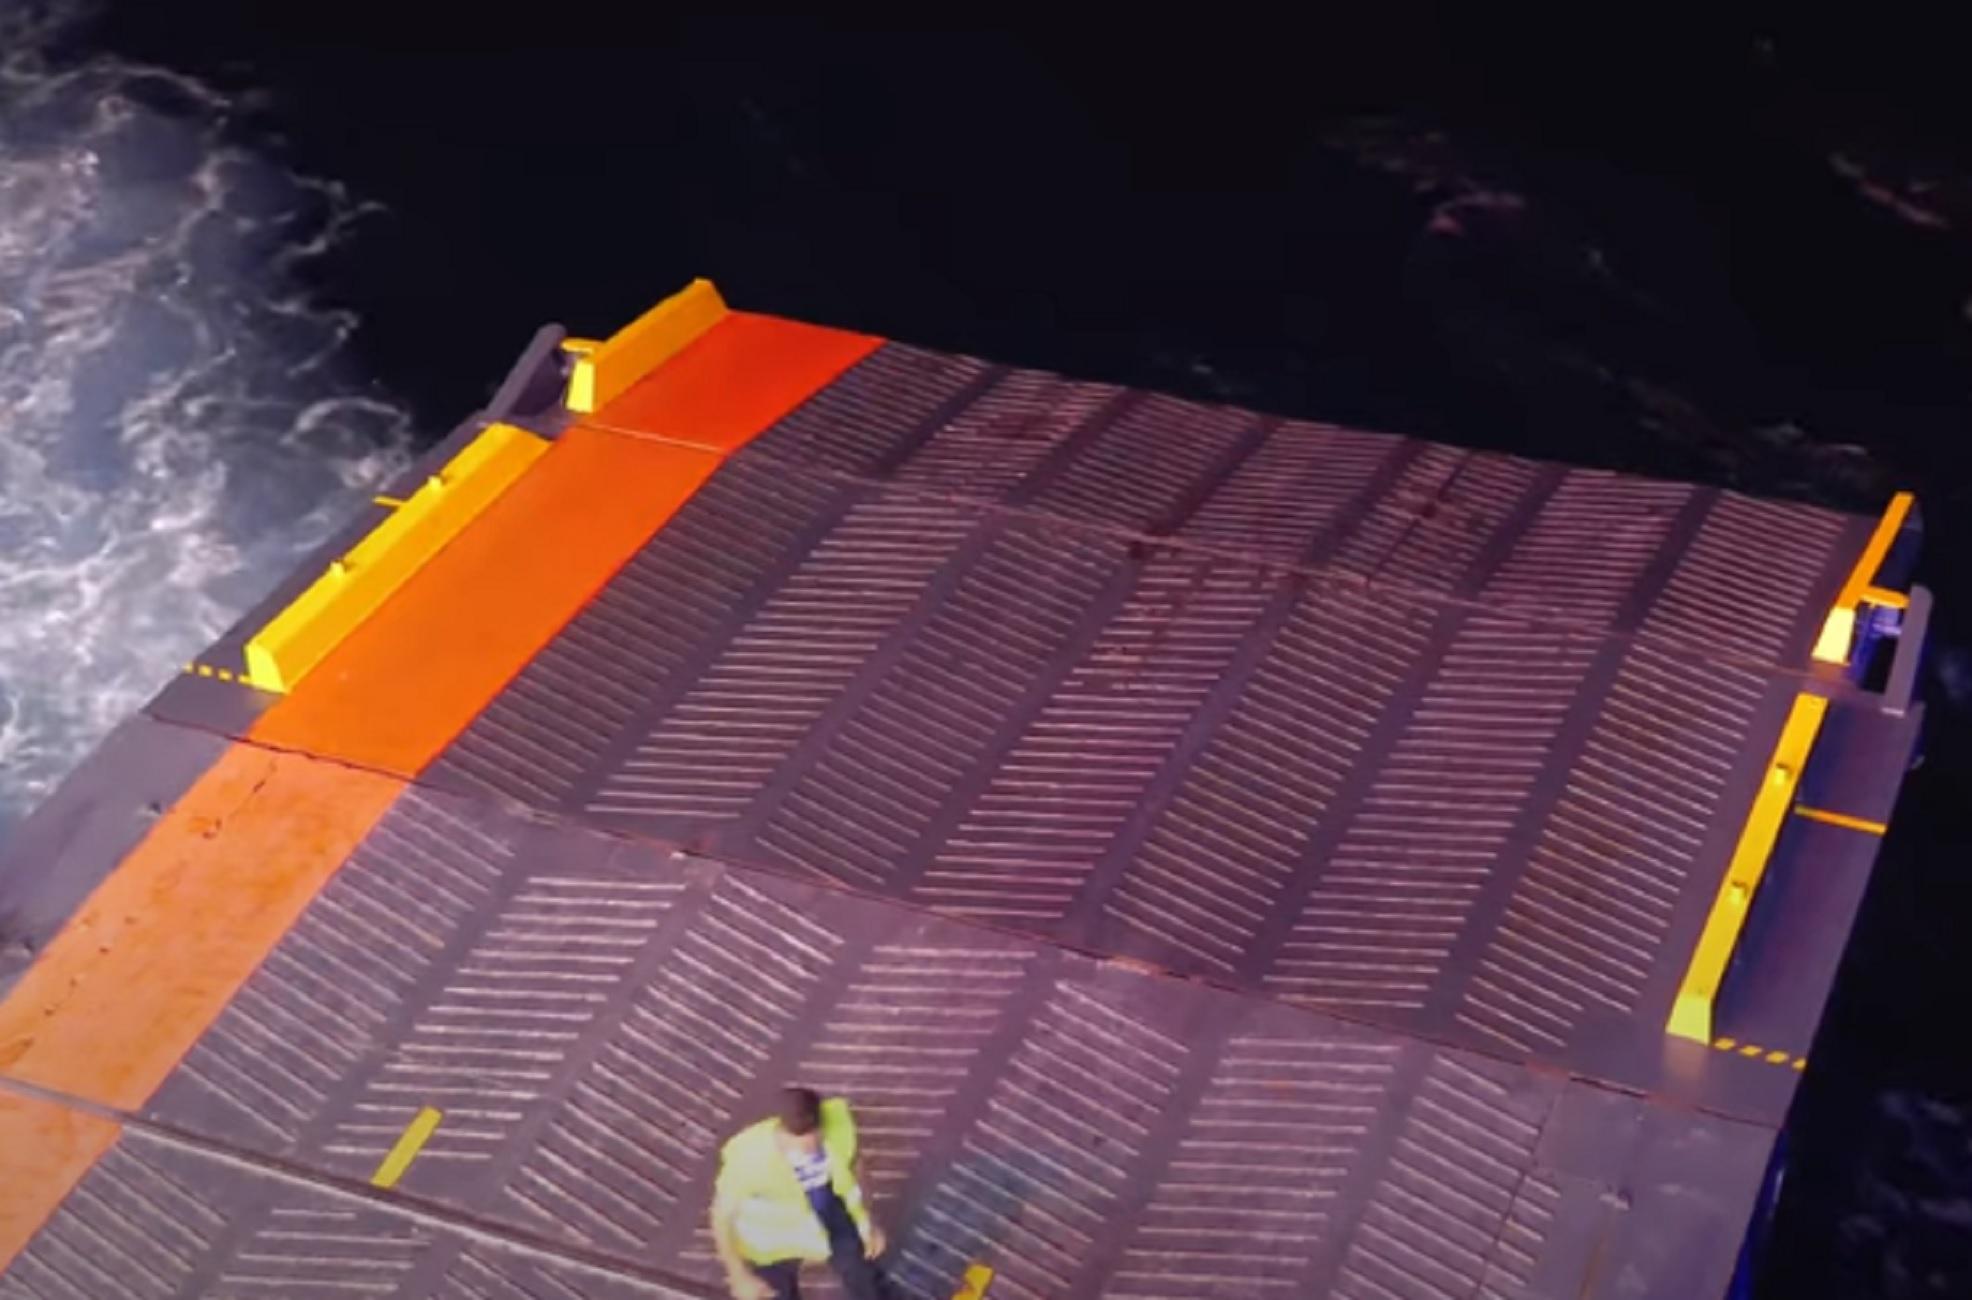 Λέρος: Η μανούβρα του πλοίου Blue Star Chios κράτησε τρία λεπτά – Στο μέτρο το πέρασμα από το ντόκο